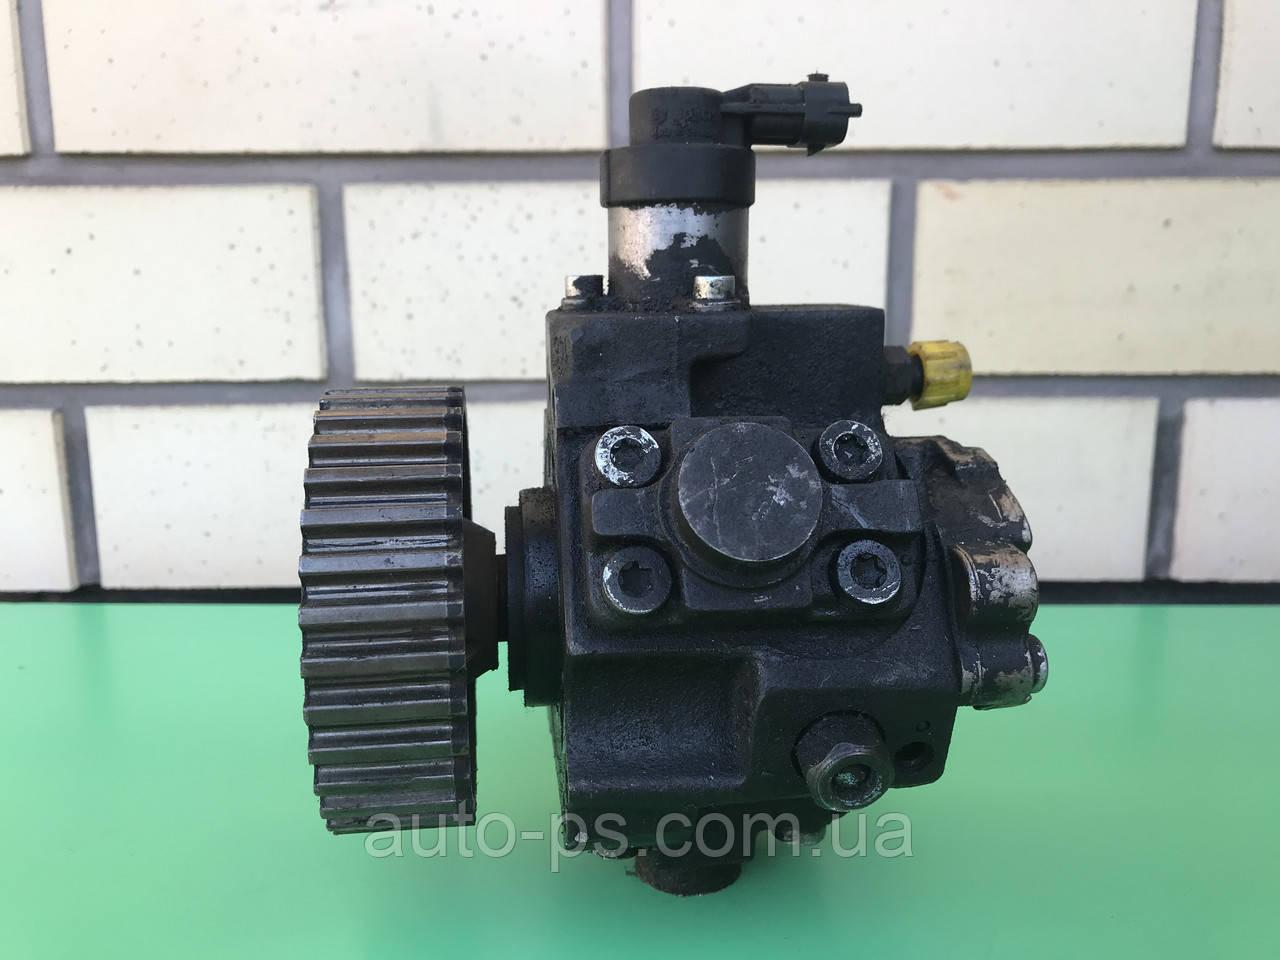 Топливный насос высокого давления (ТНВД) Mazda 3 (BK) 1.6MZ-CD